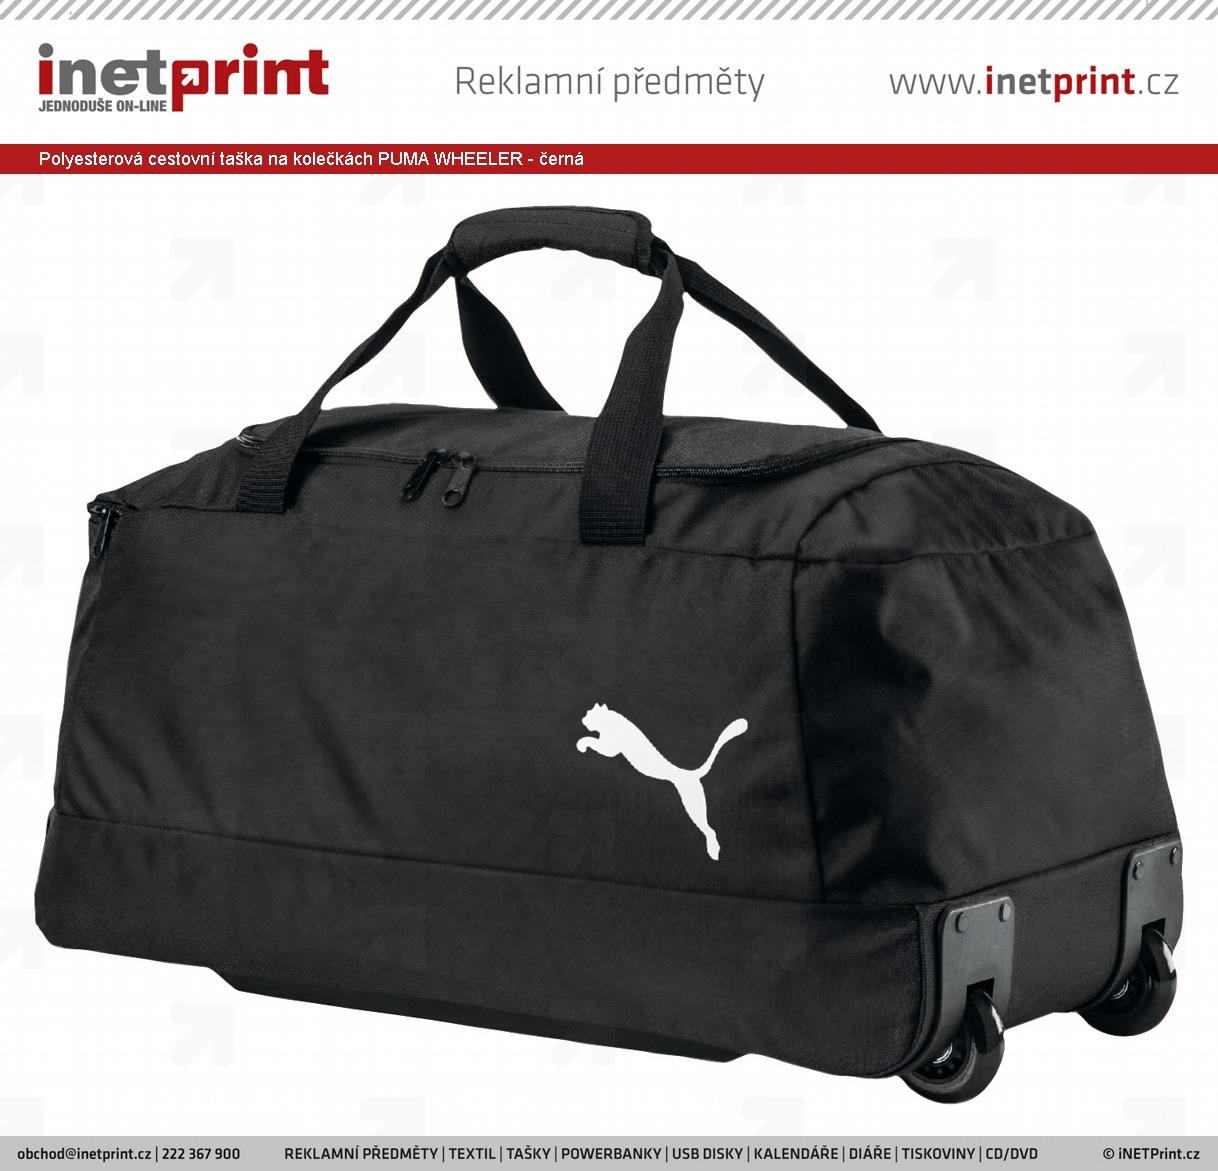 Značková polyesterová cestovní taška Puma WHEELER na kolečkách ... 211462a308d